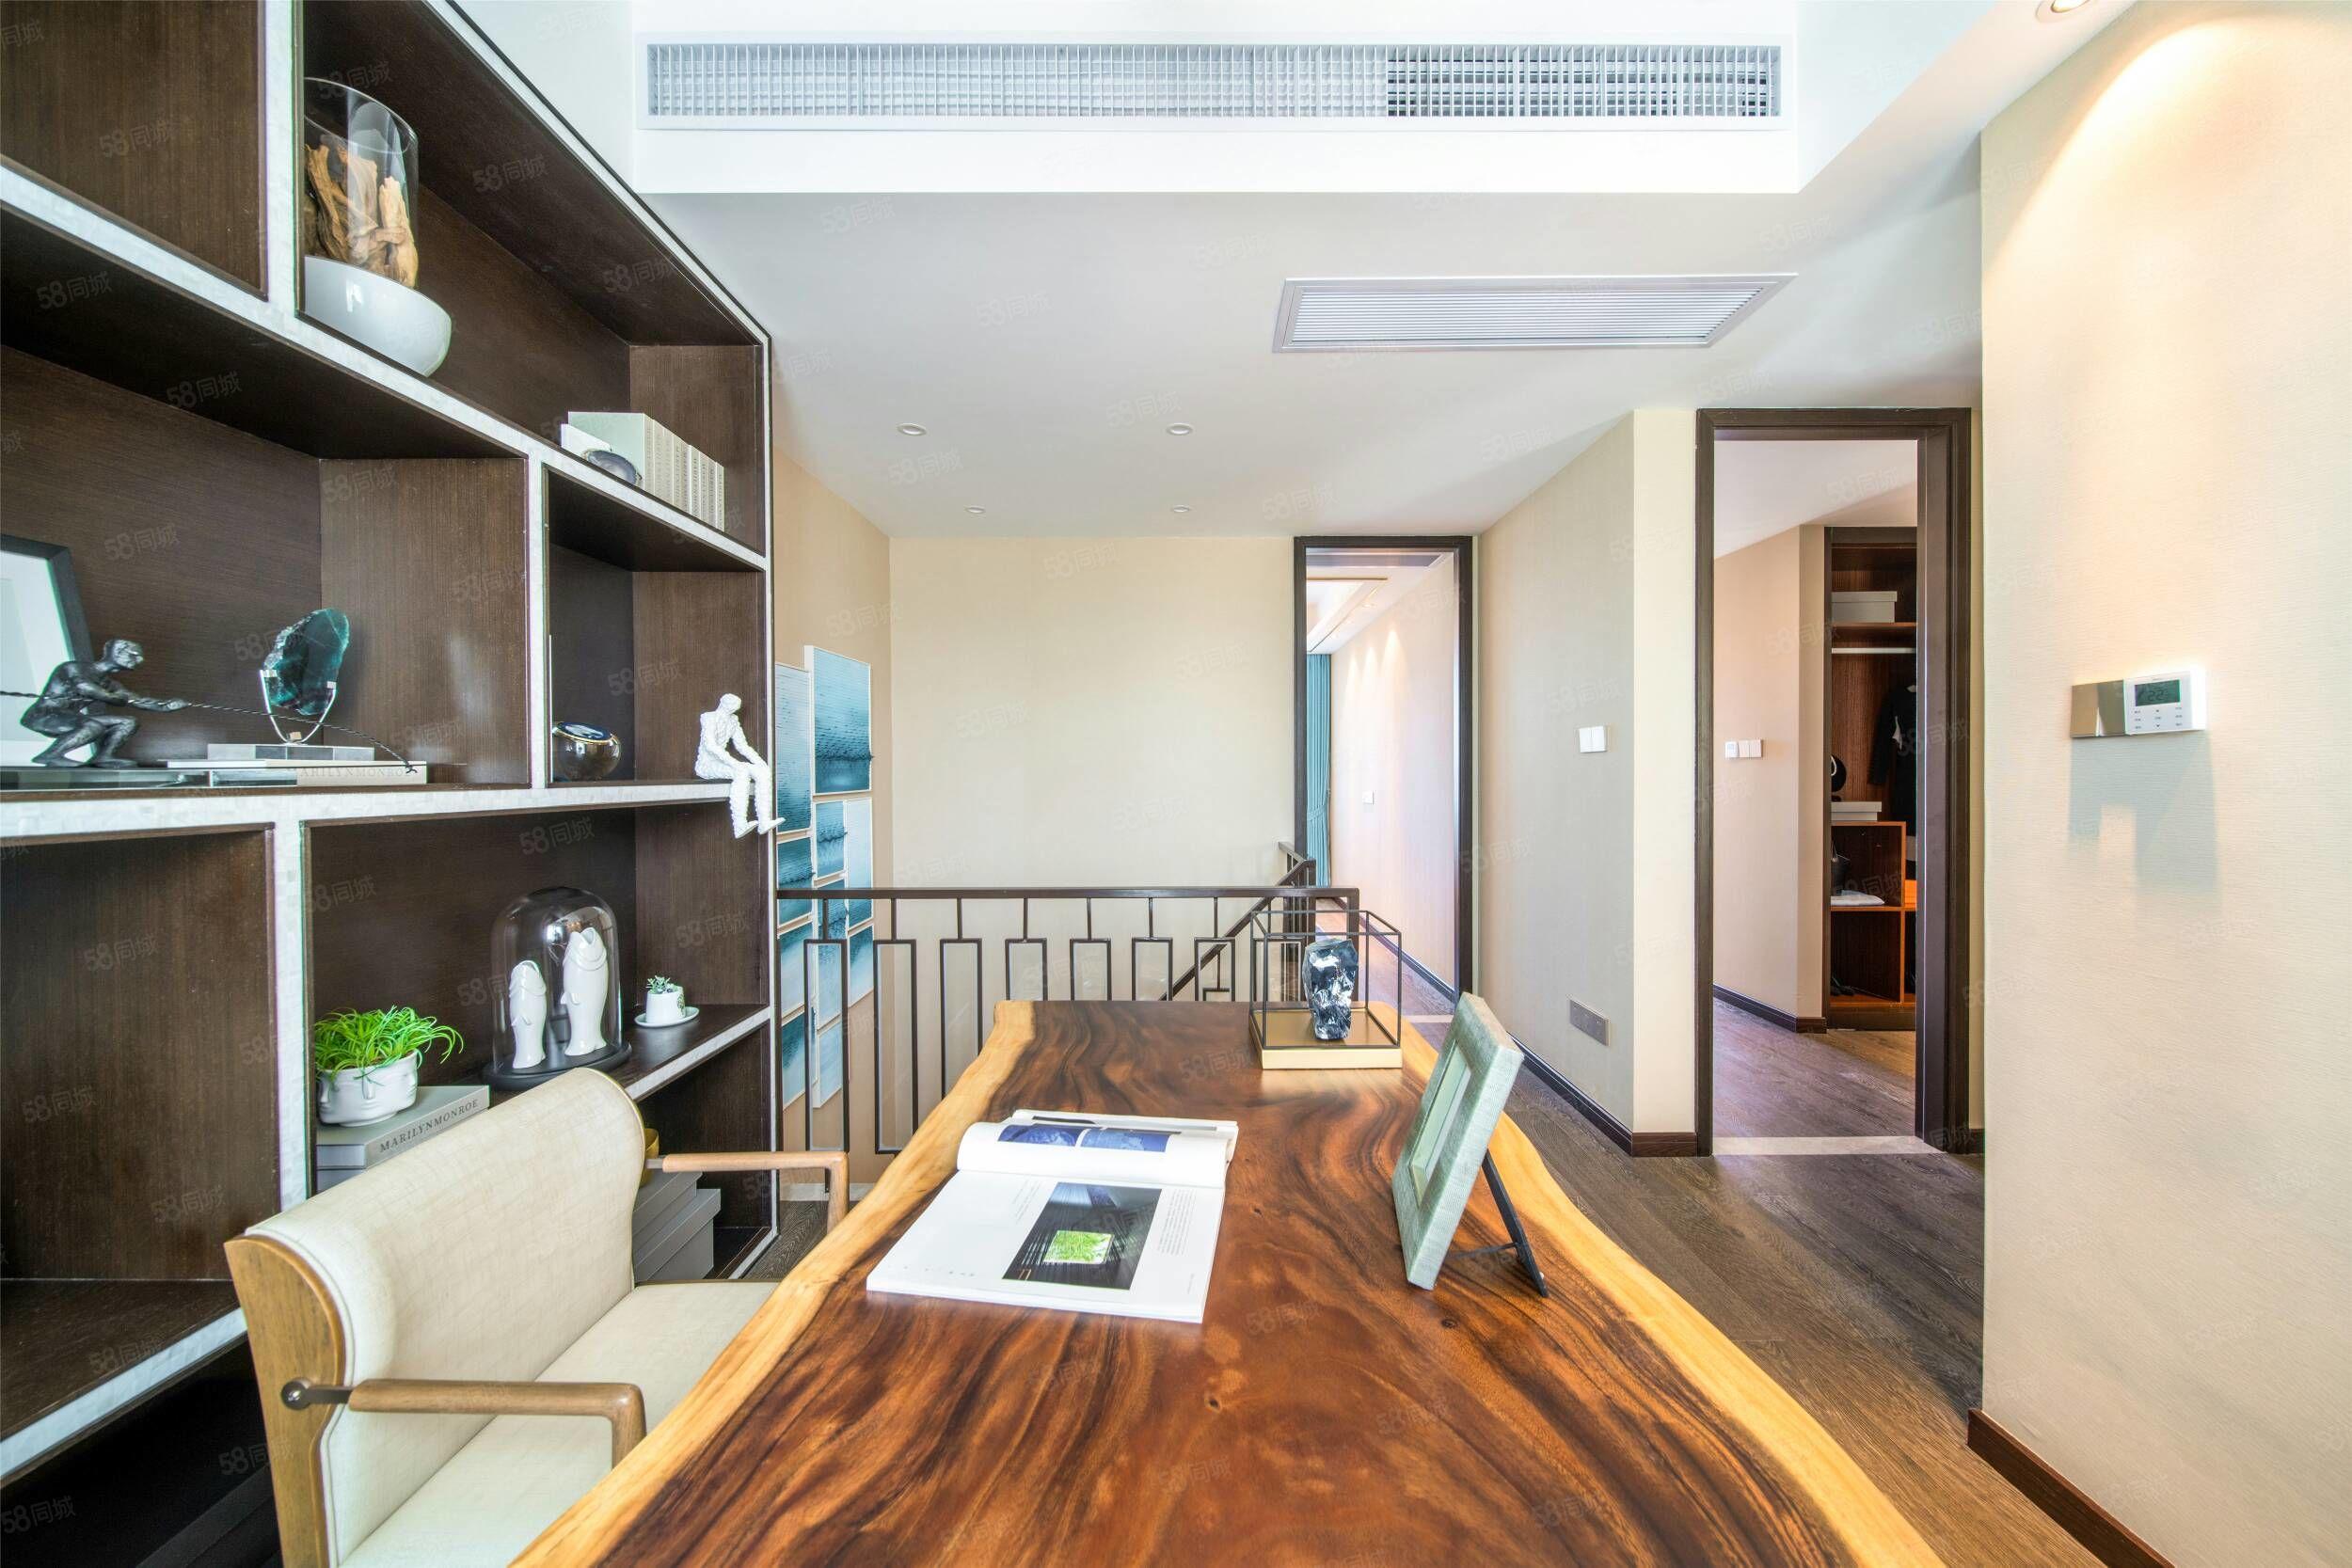 泰禾厦门湾一线海景公寓,商不限购,方正阳台带泡池